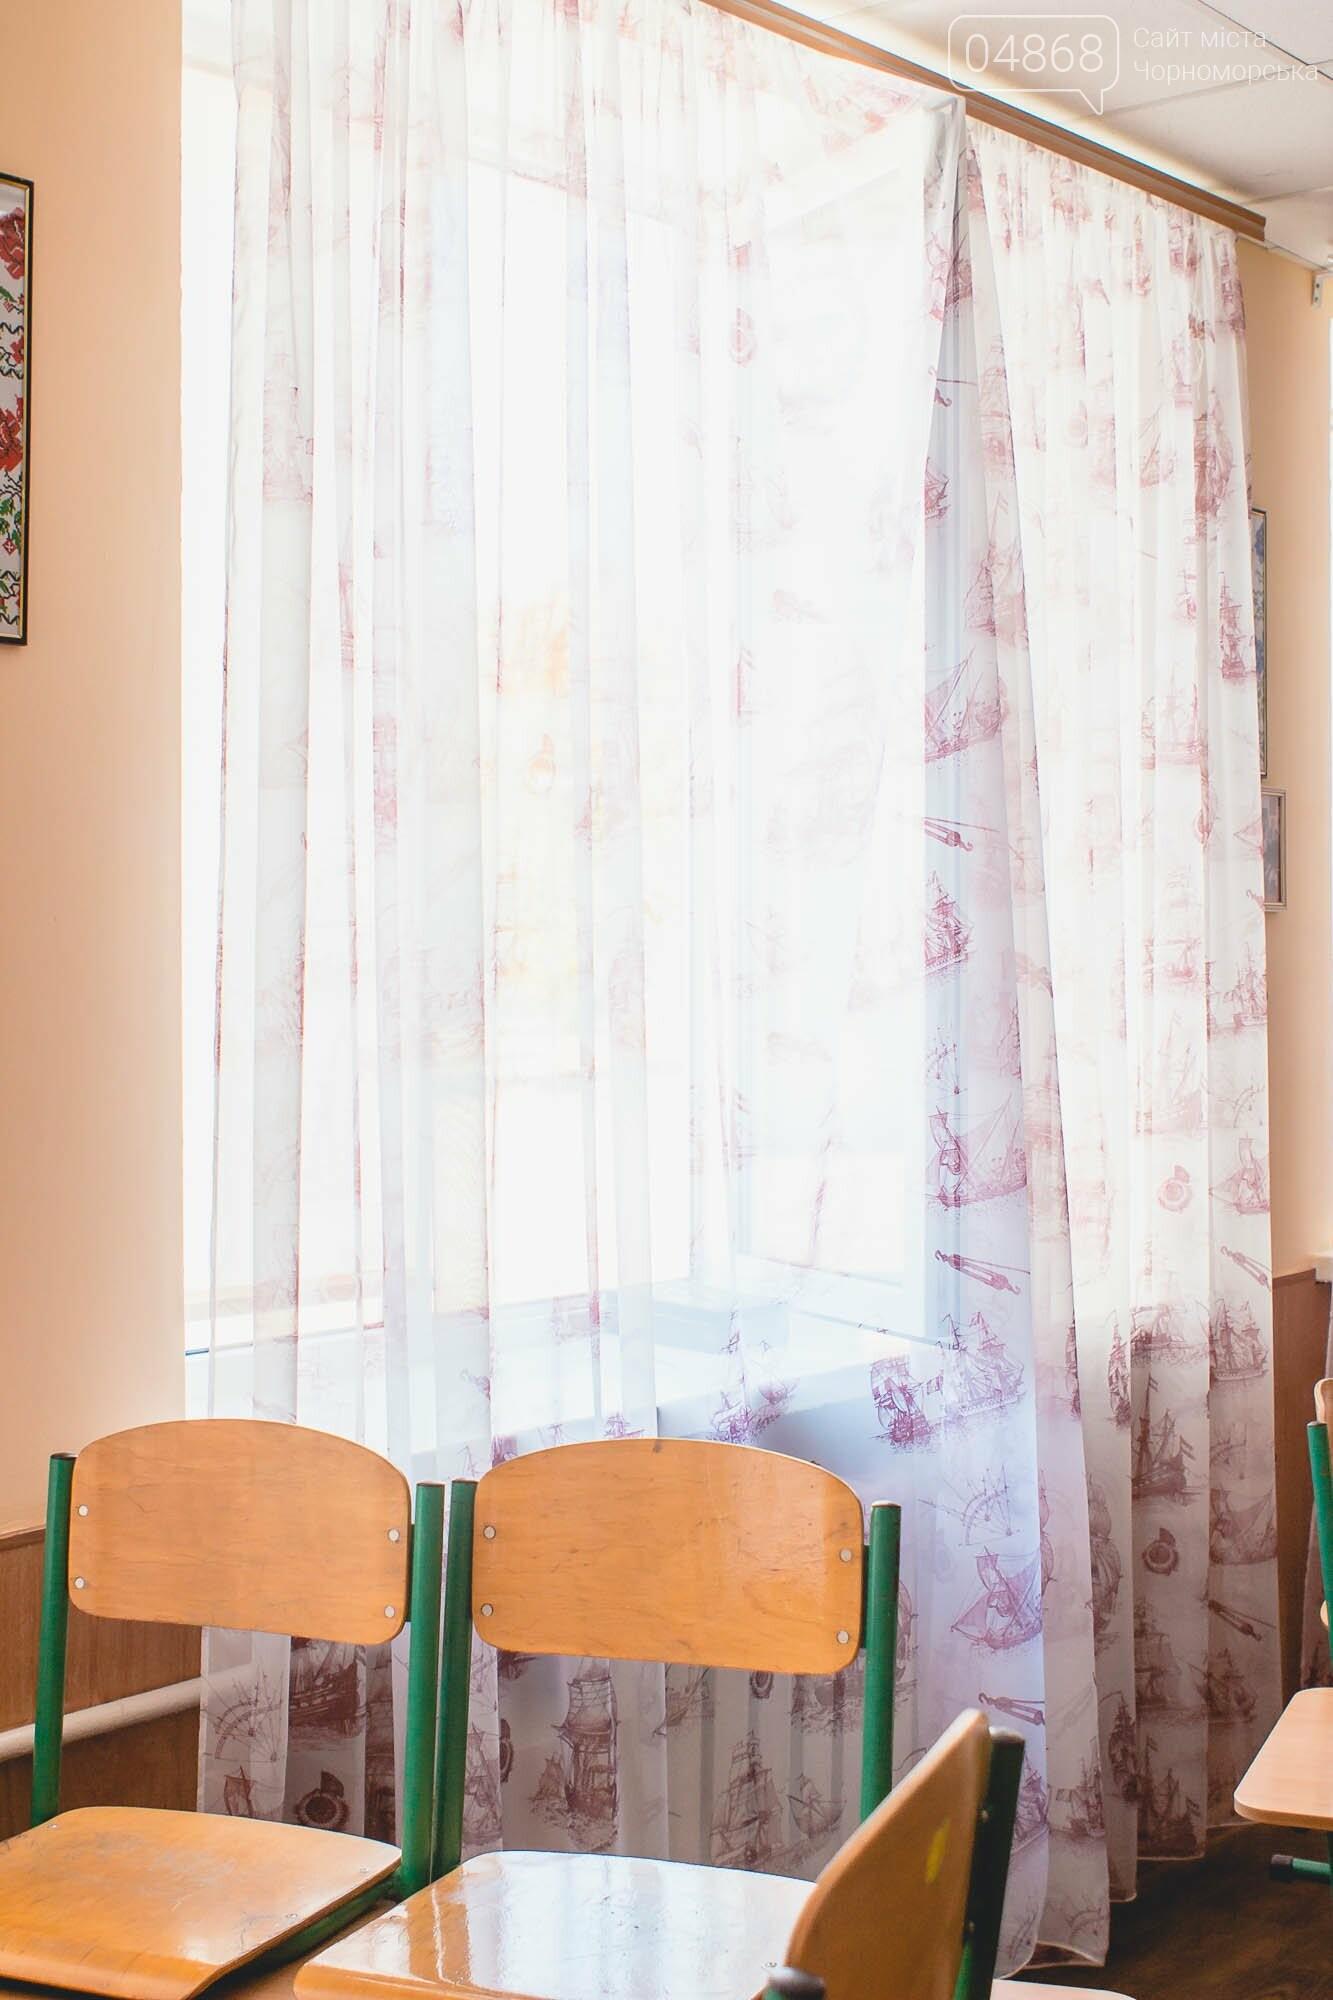 Новые окна, кабинеты и пищеблок: школы Черноморска готовятся к 1 сентября, фото-12